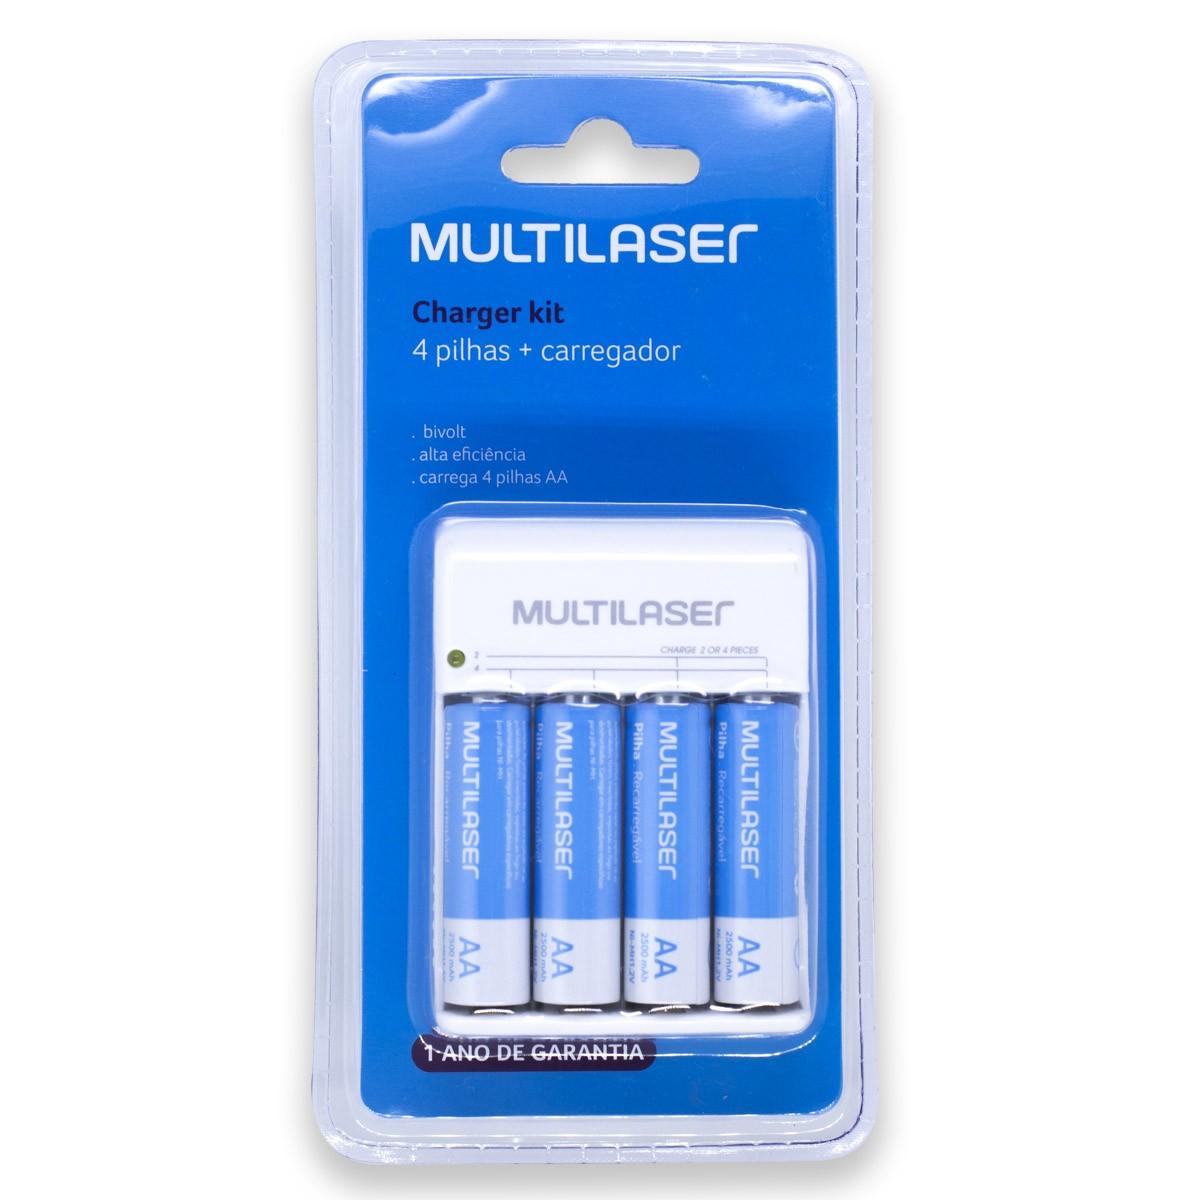 04 Pilhas AA 2500mAh + carregador MULTILASER - 1 cartela